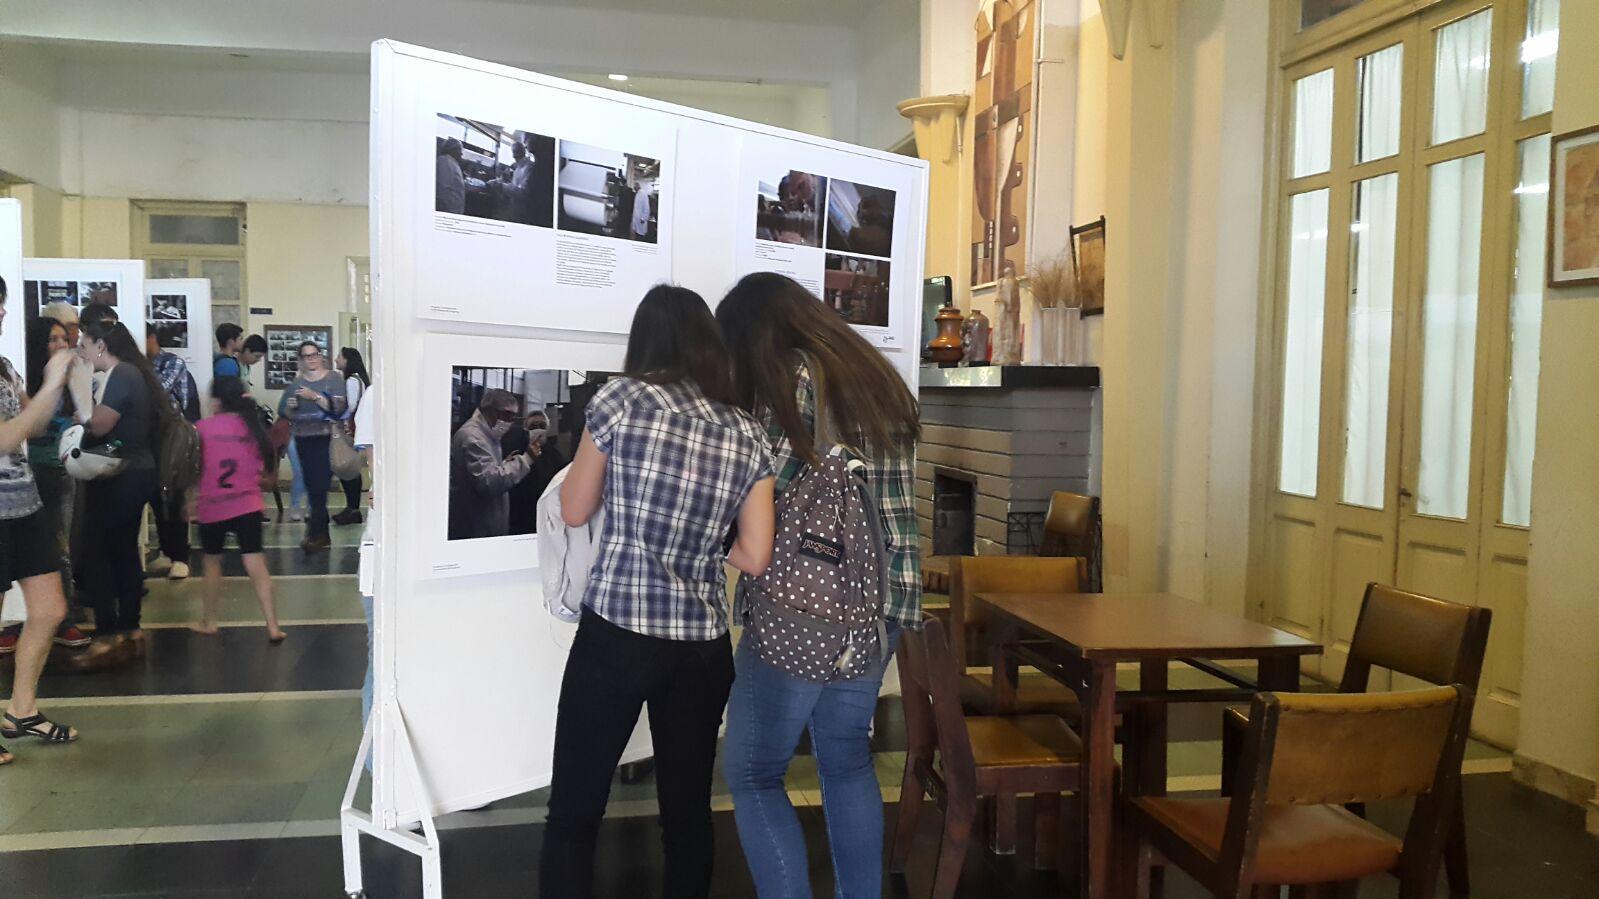 Muestra fotográfica La cooperación internacional en imágenes